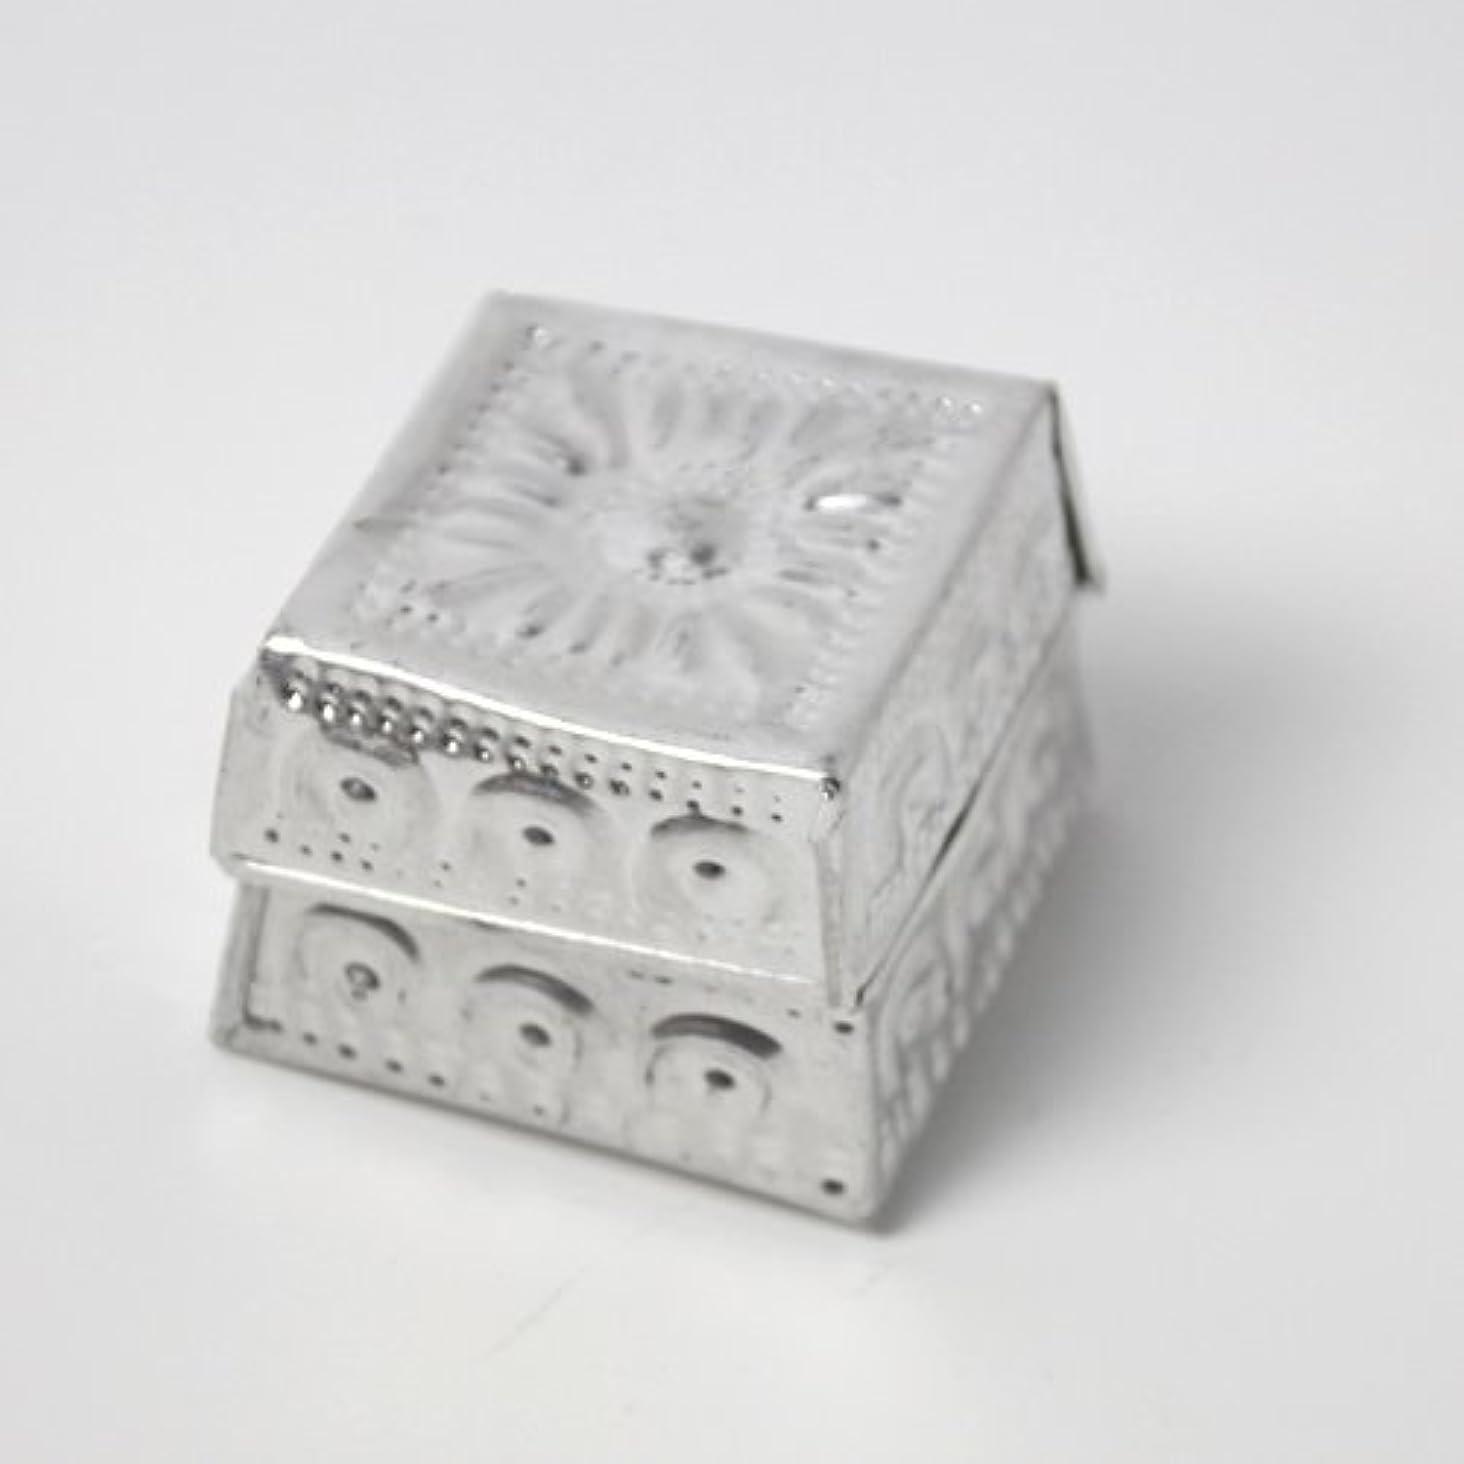 正しくレコーダーに頼るアルミアートのボックスにはいったアロマキャンドル?四角